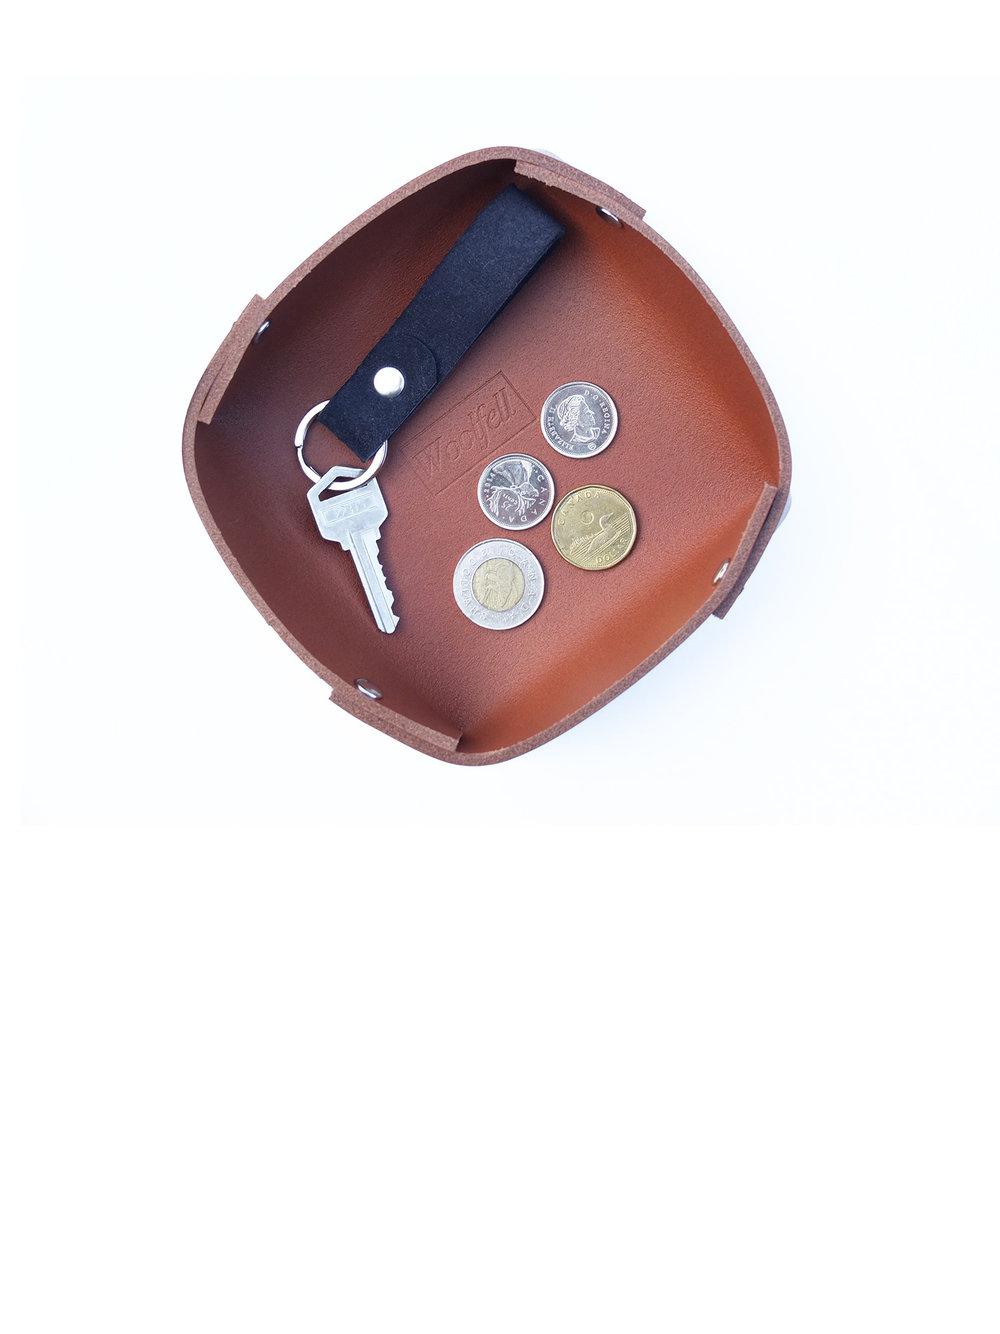 Plateau en cuir - plusieurs couleurs disponibles24.00$